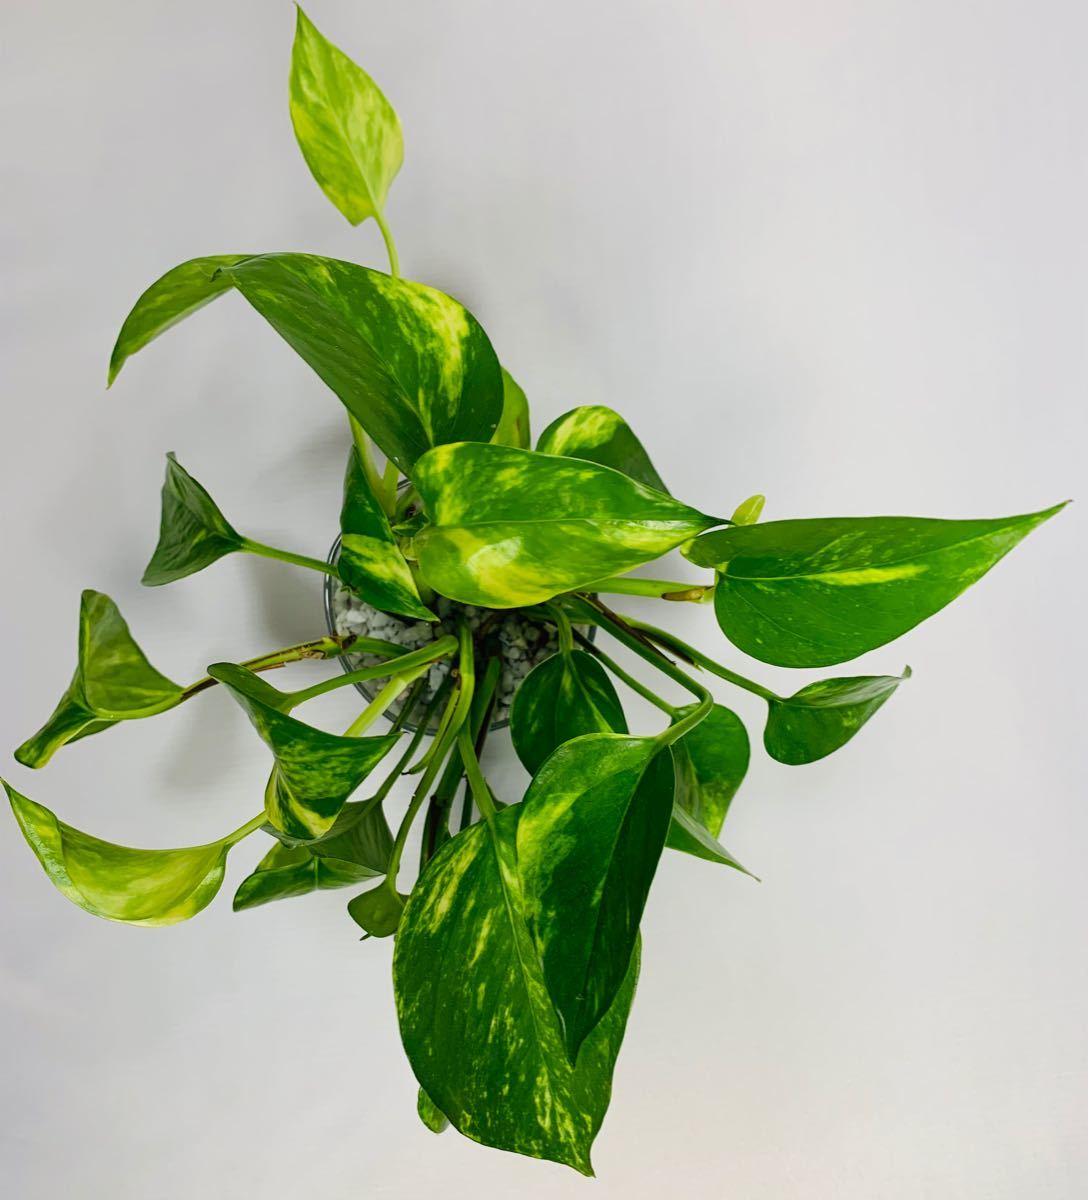 ポトス ハイドロカルチャー カラーサンドアート 観葉植物 インテリア小物